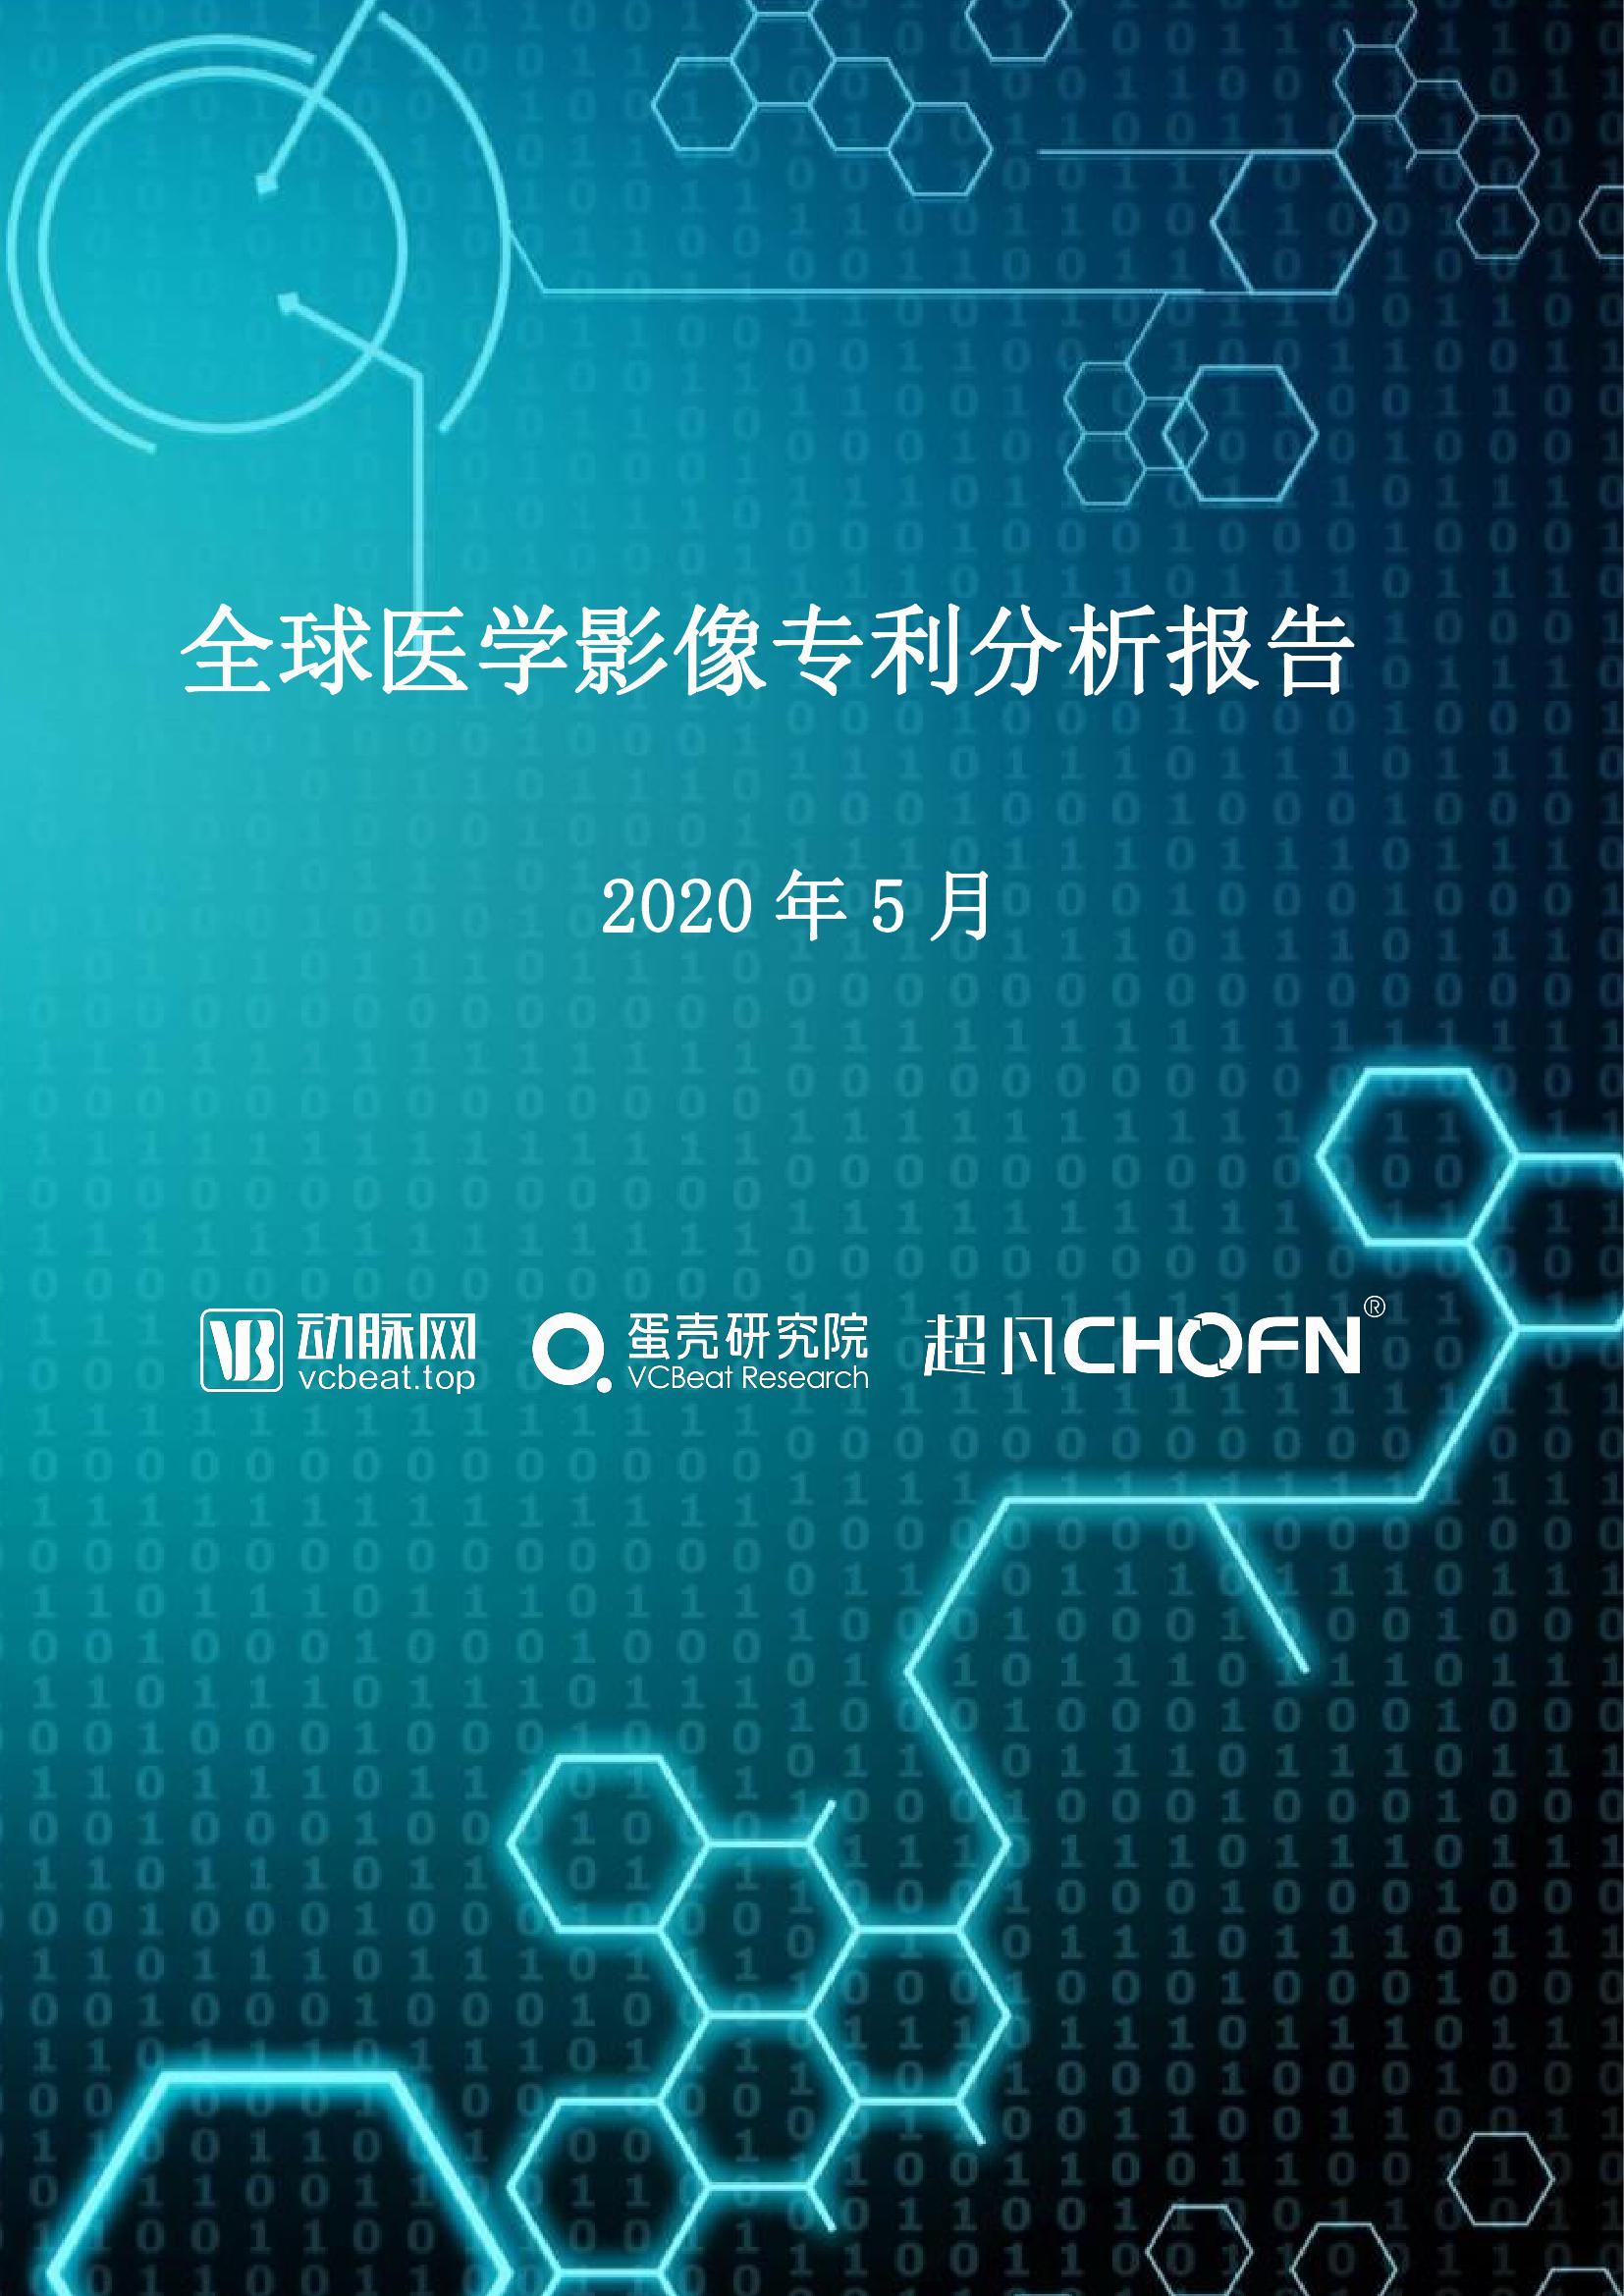 蛋壳研究院:2020年全球医学影像专利分析报告(附下载)